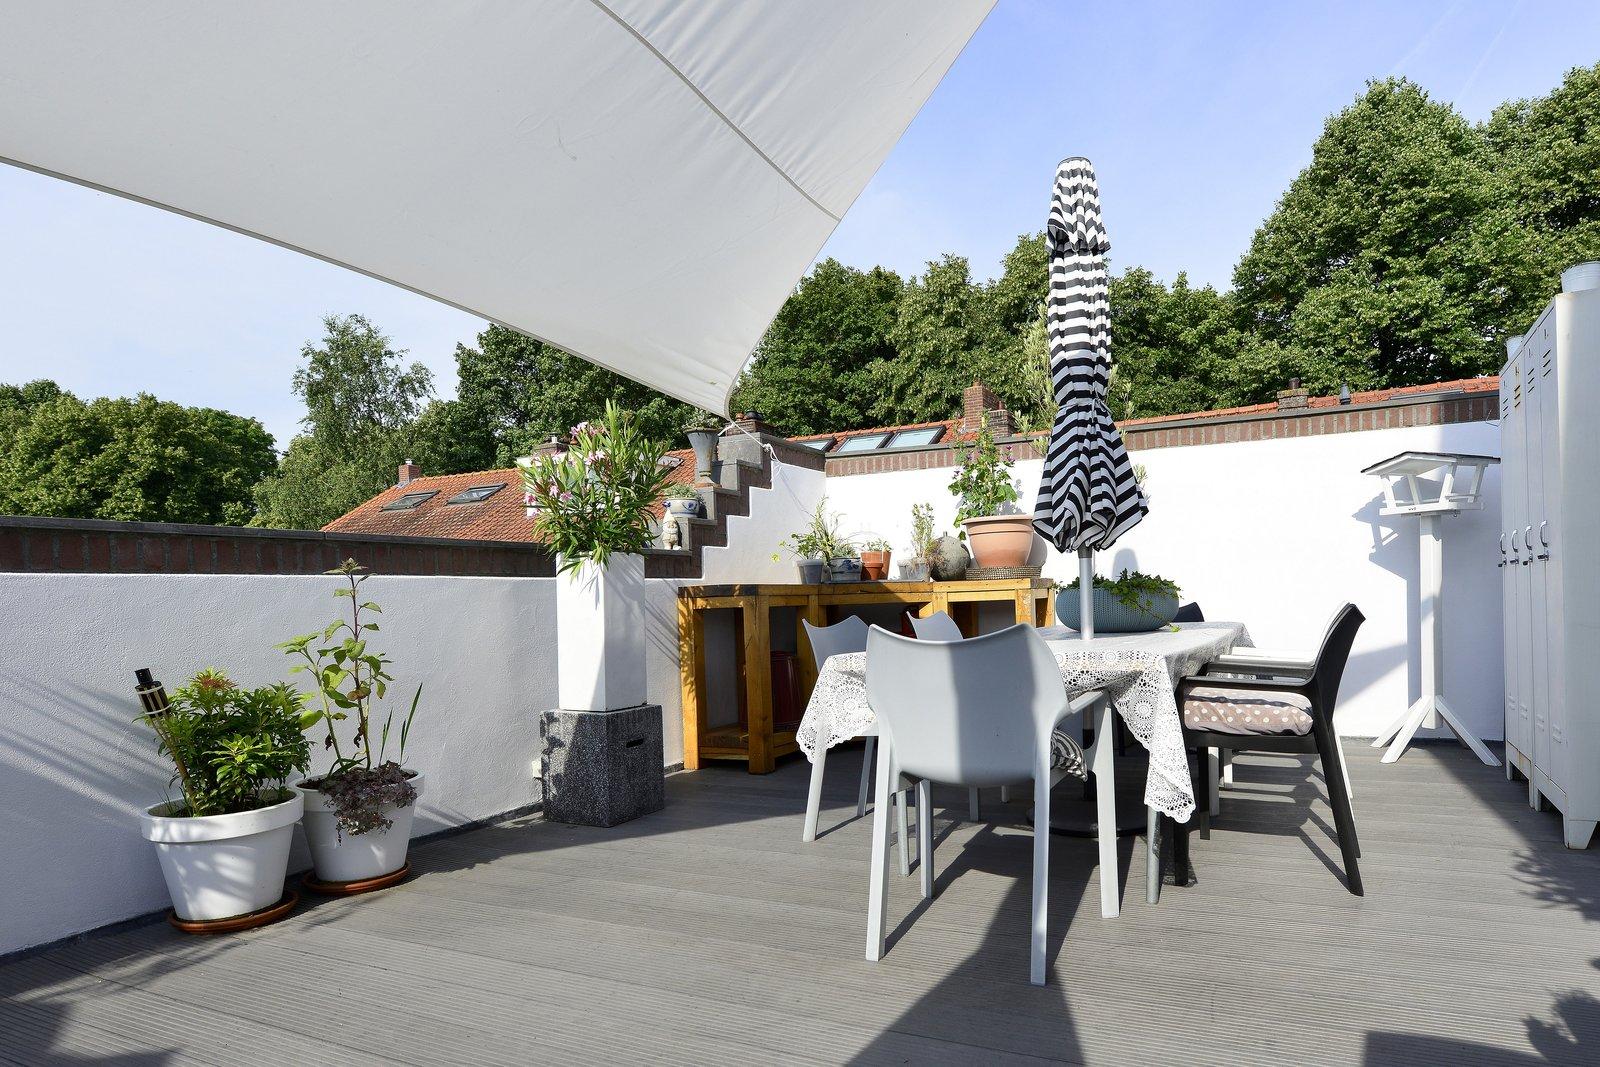 La terrazza / Sotheby's